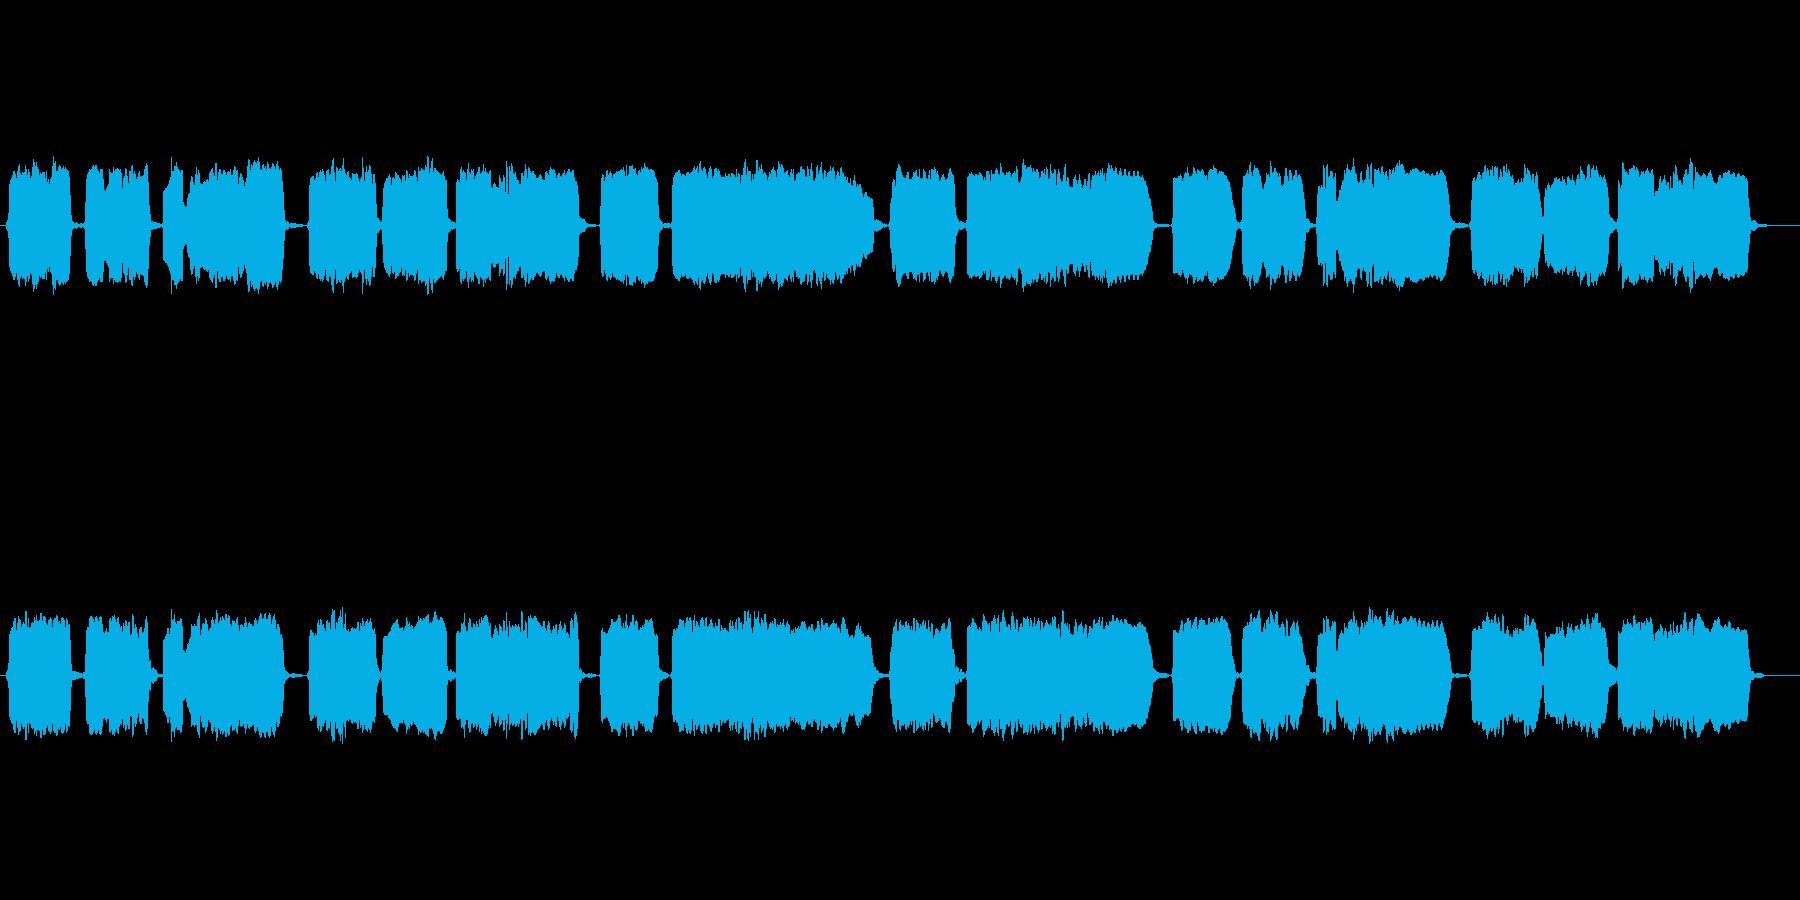 童謡「七つの子」の篠笛独奏の再生済みの波形